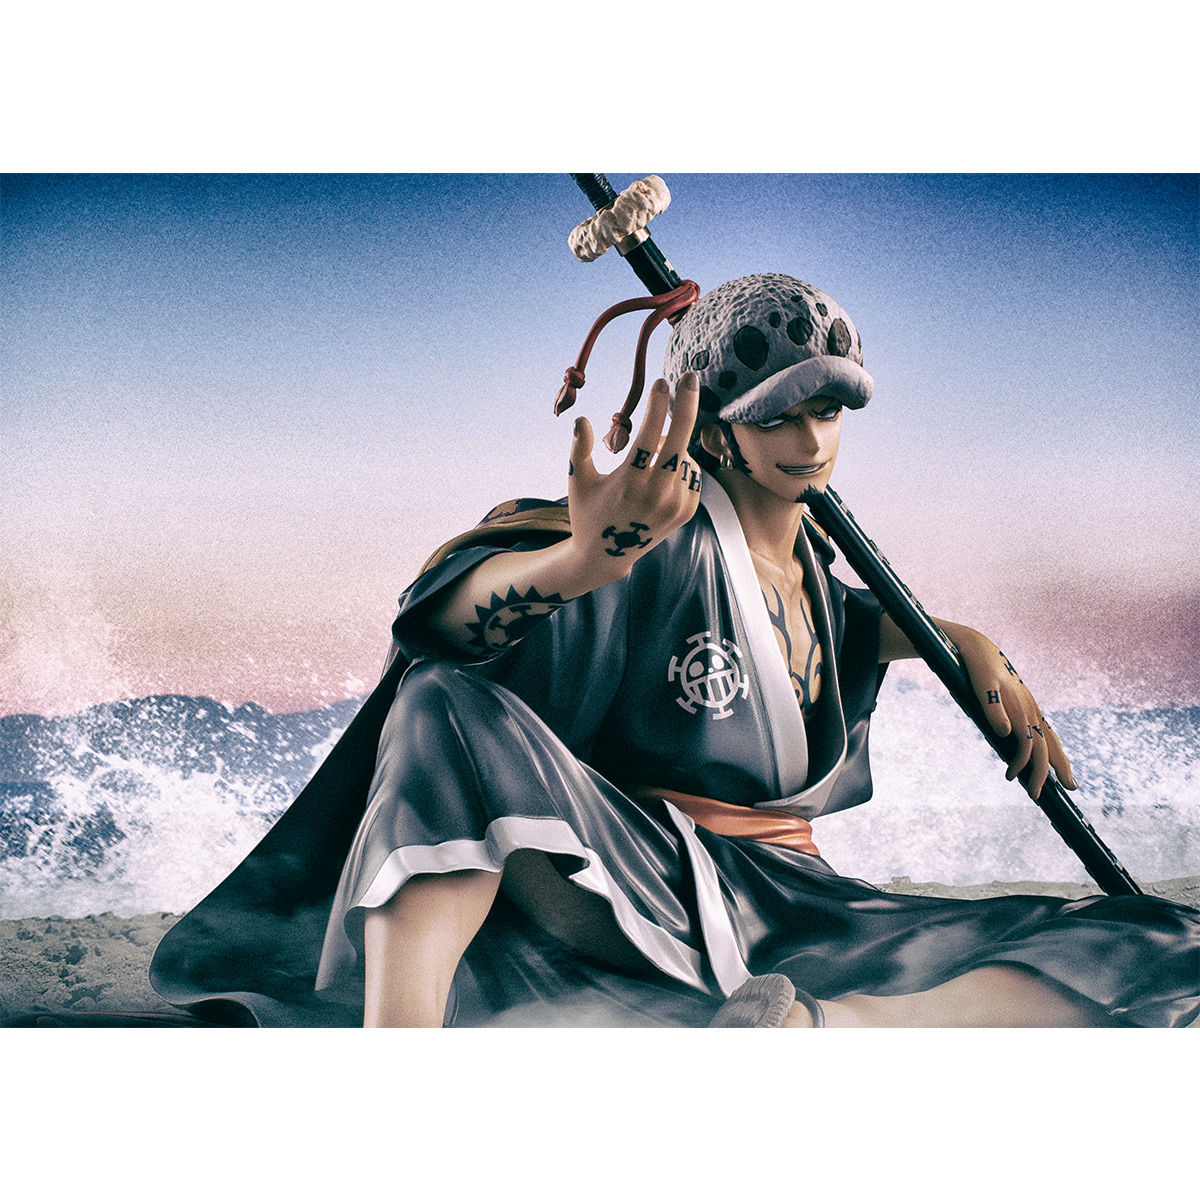 """【限定販売】Portrait.Of.Pirates ワンピース """"Warriors Alliance""""『トラファルガー・ロー』完成品フィギュア-010"""